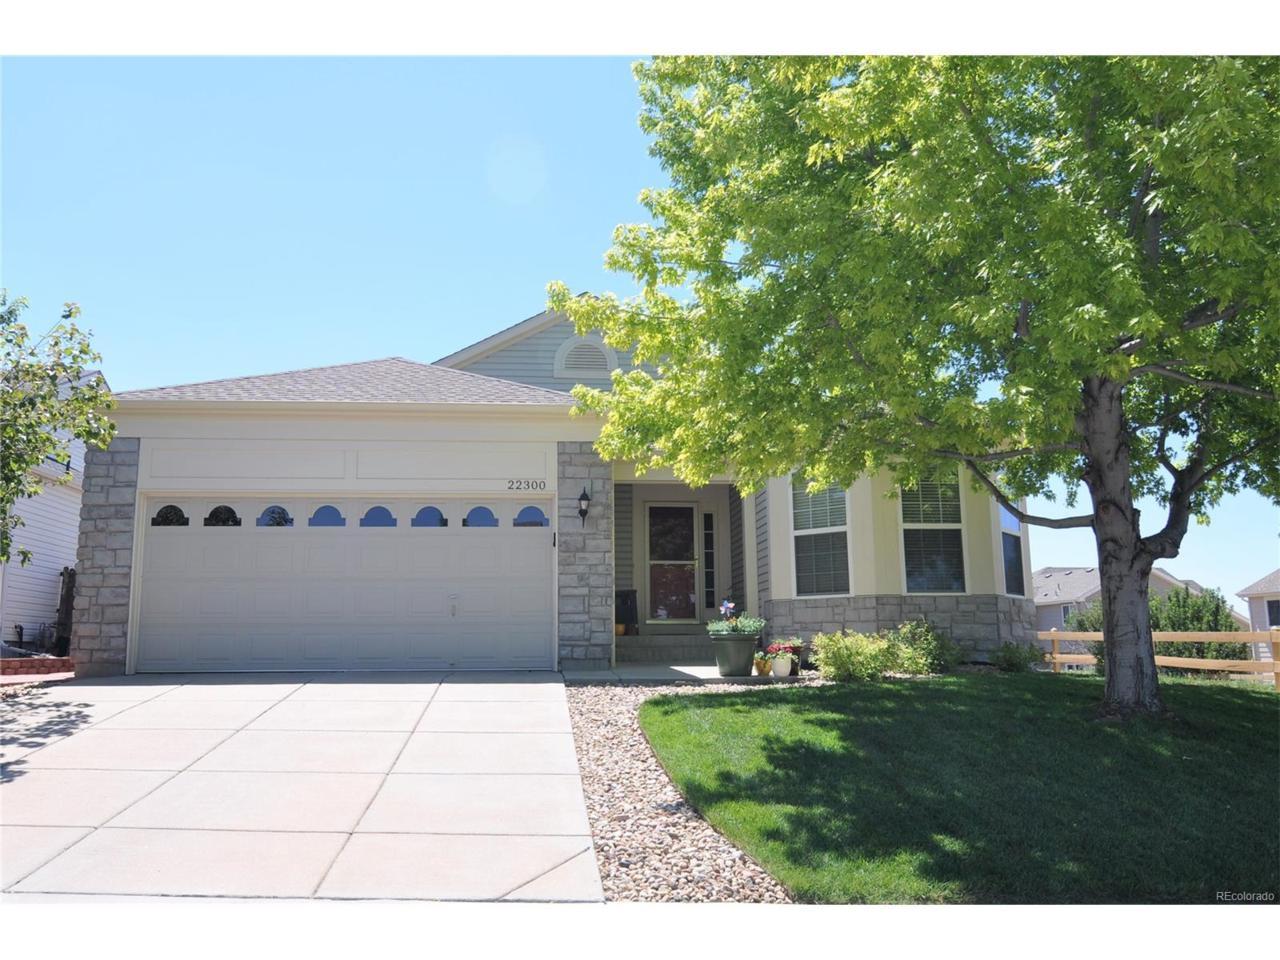 22300 E Dorado Avenue, Aurora, CO 80015 (MLS #5660755) :: 8z Real Estate